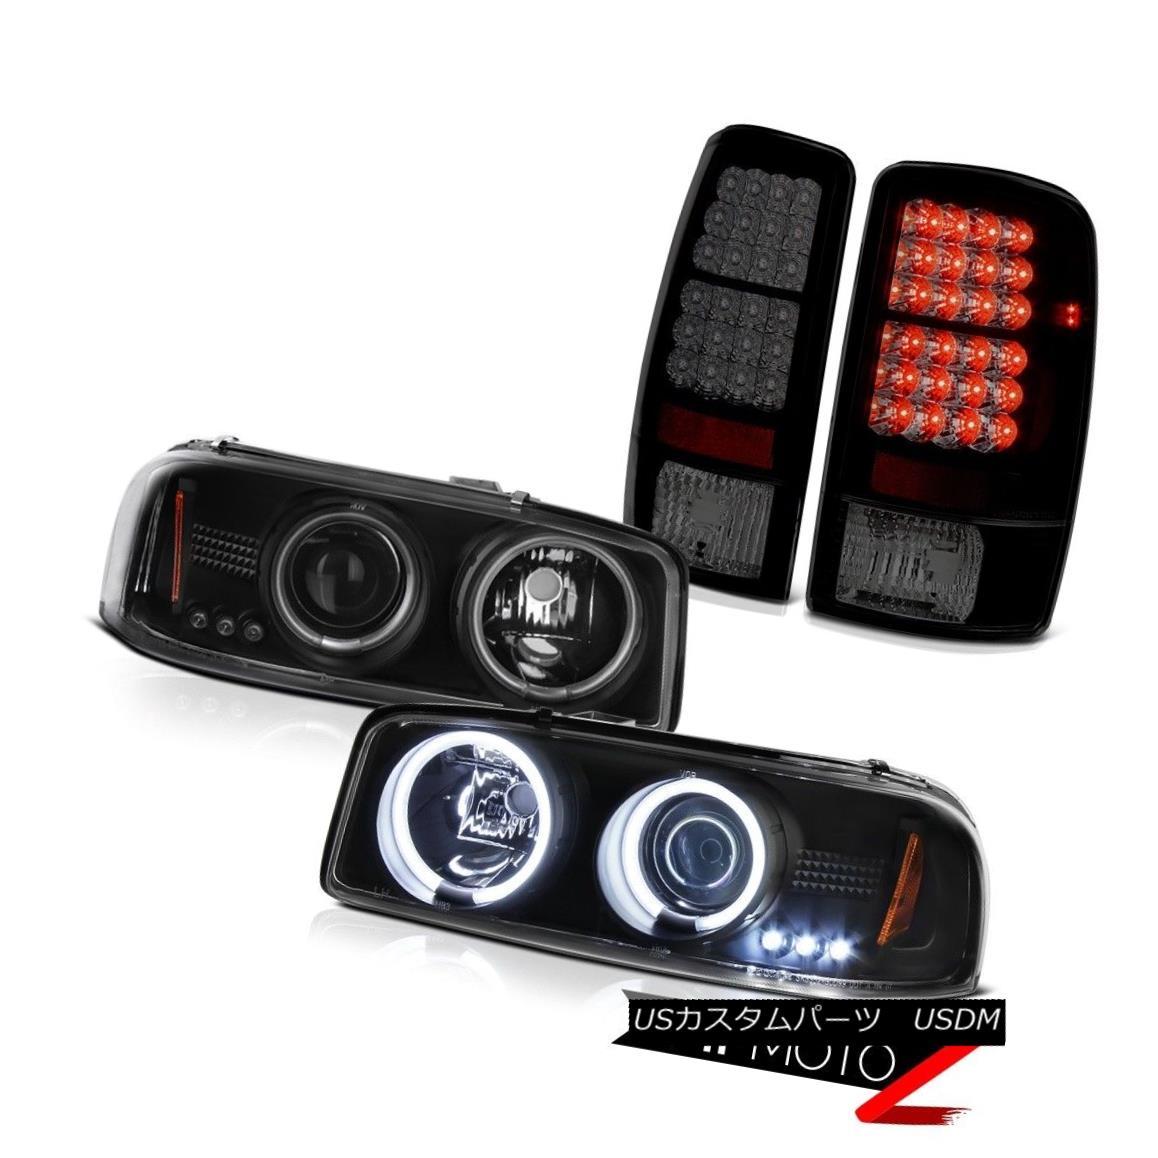 テールライト BRIGHTEST CCFL Angel Eye Headlights 00-06 Yukon Dark Smoke Black LED Tail Lights 明るいCCFLエンジェルアイヘッドライト00-06ユーコンダークスモークブラックLEDテールライト